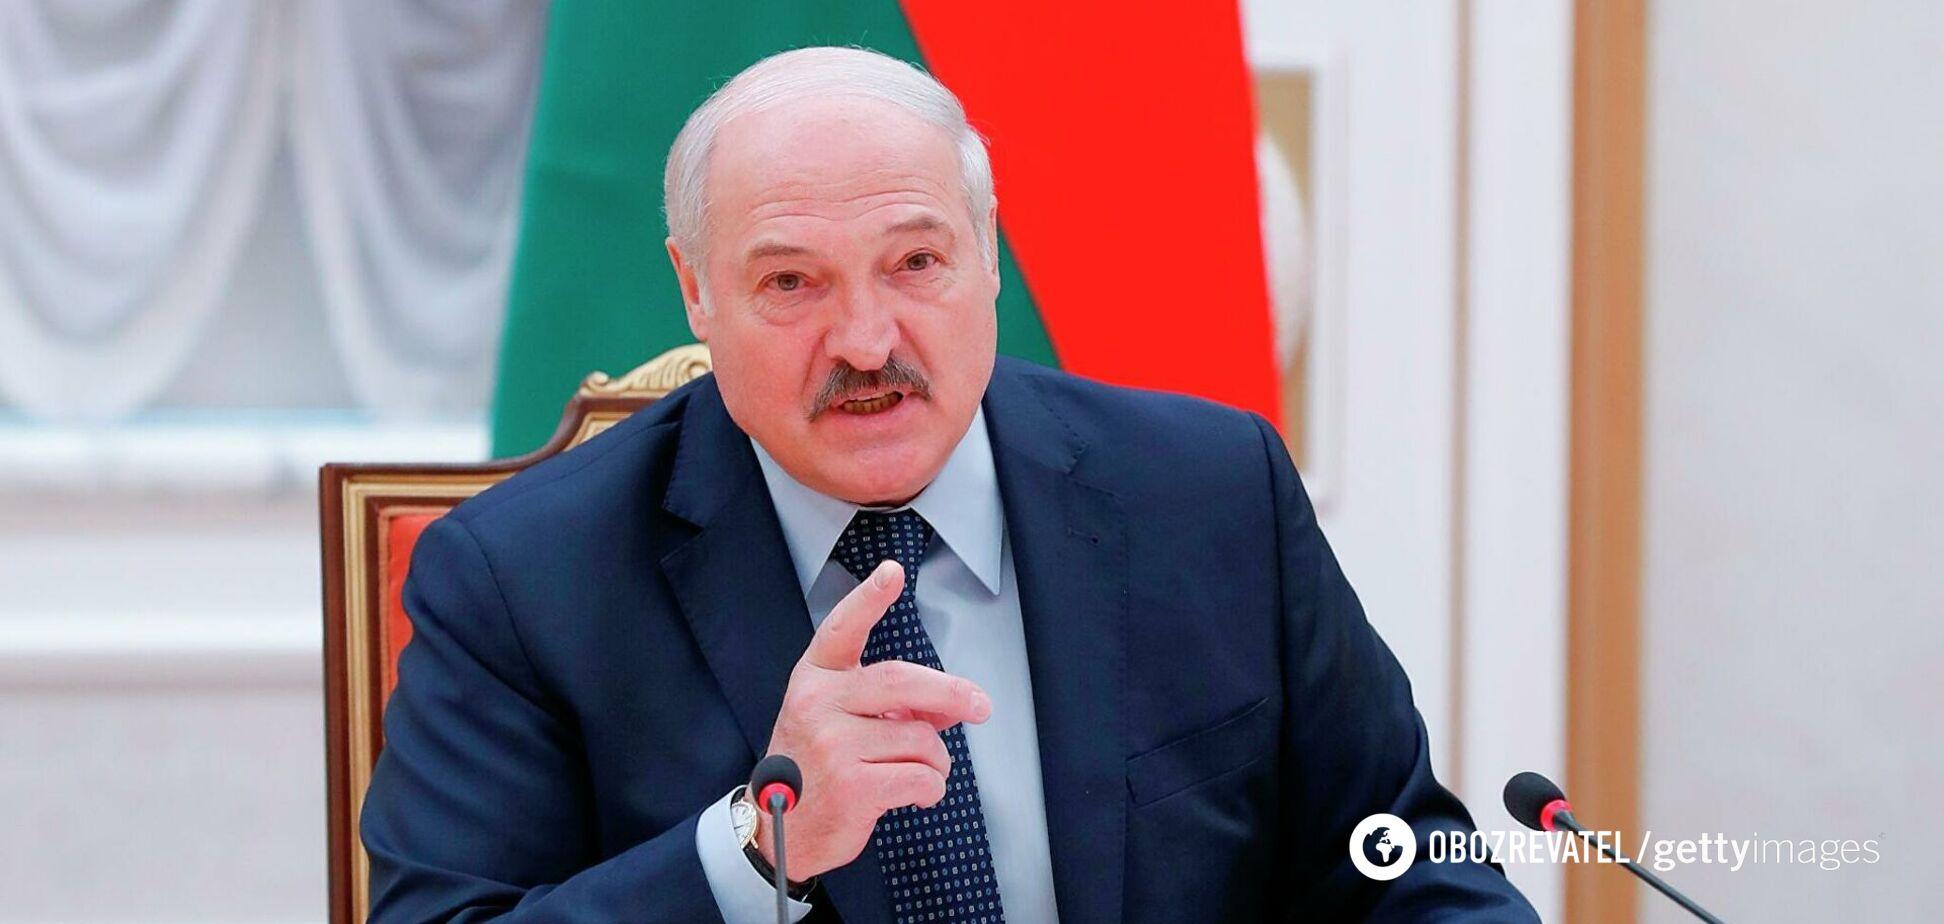 Лукашенко пригрозил закрыть Беларусь для авиарейсов из Украины